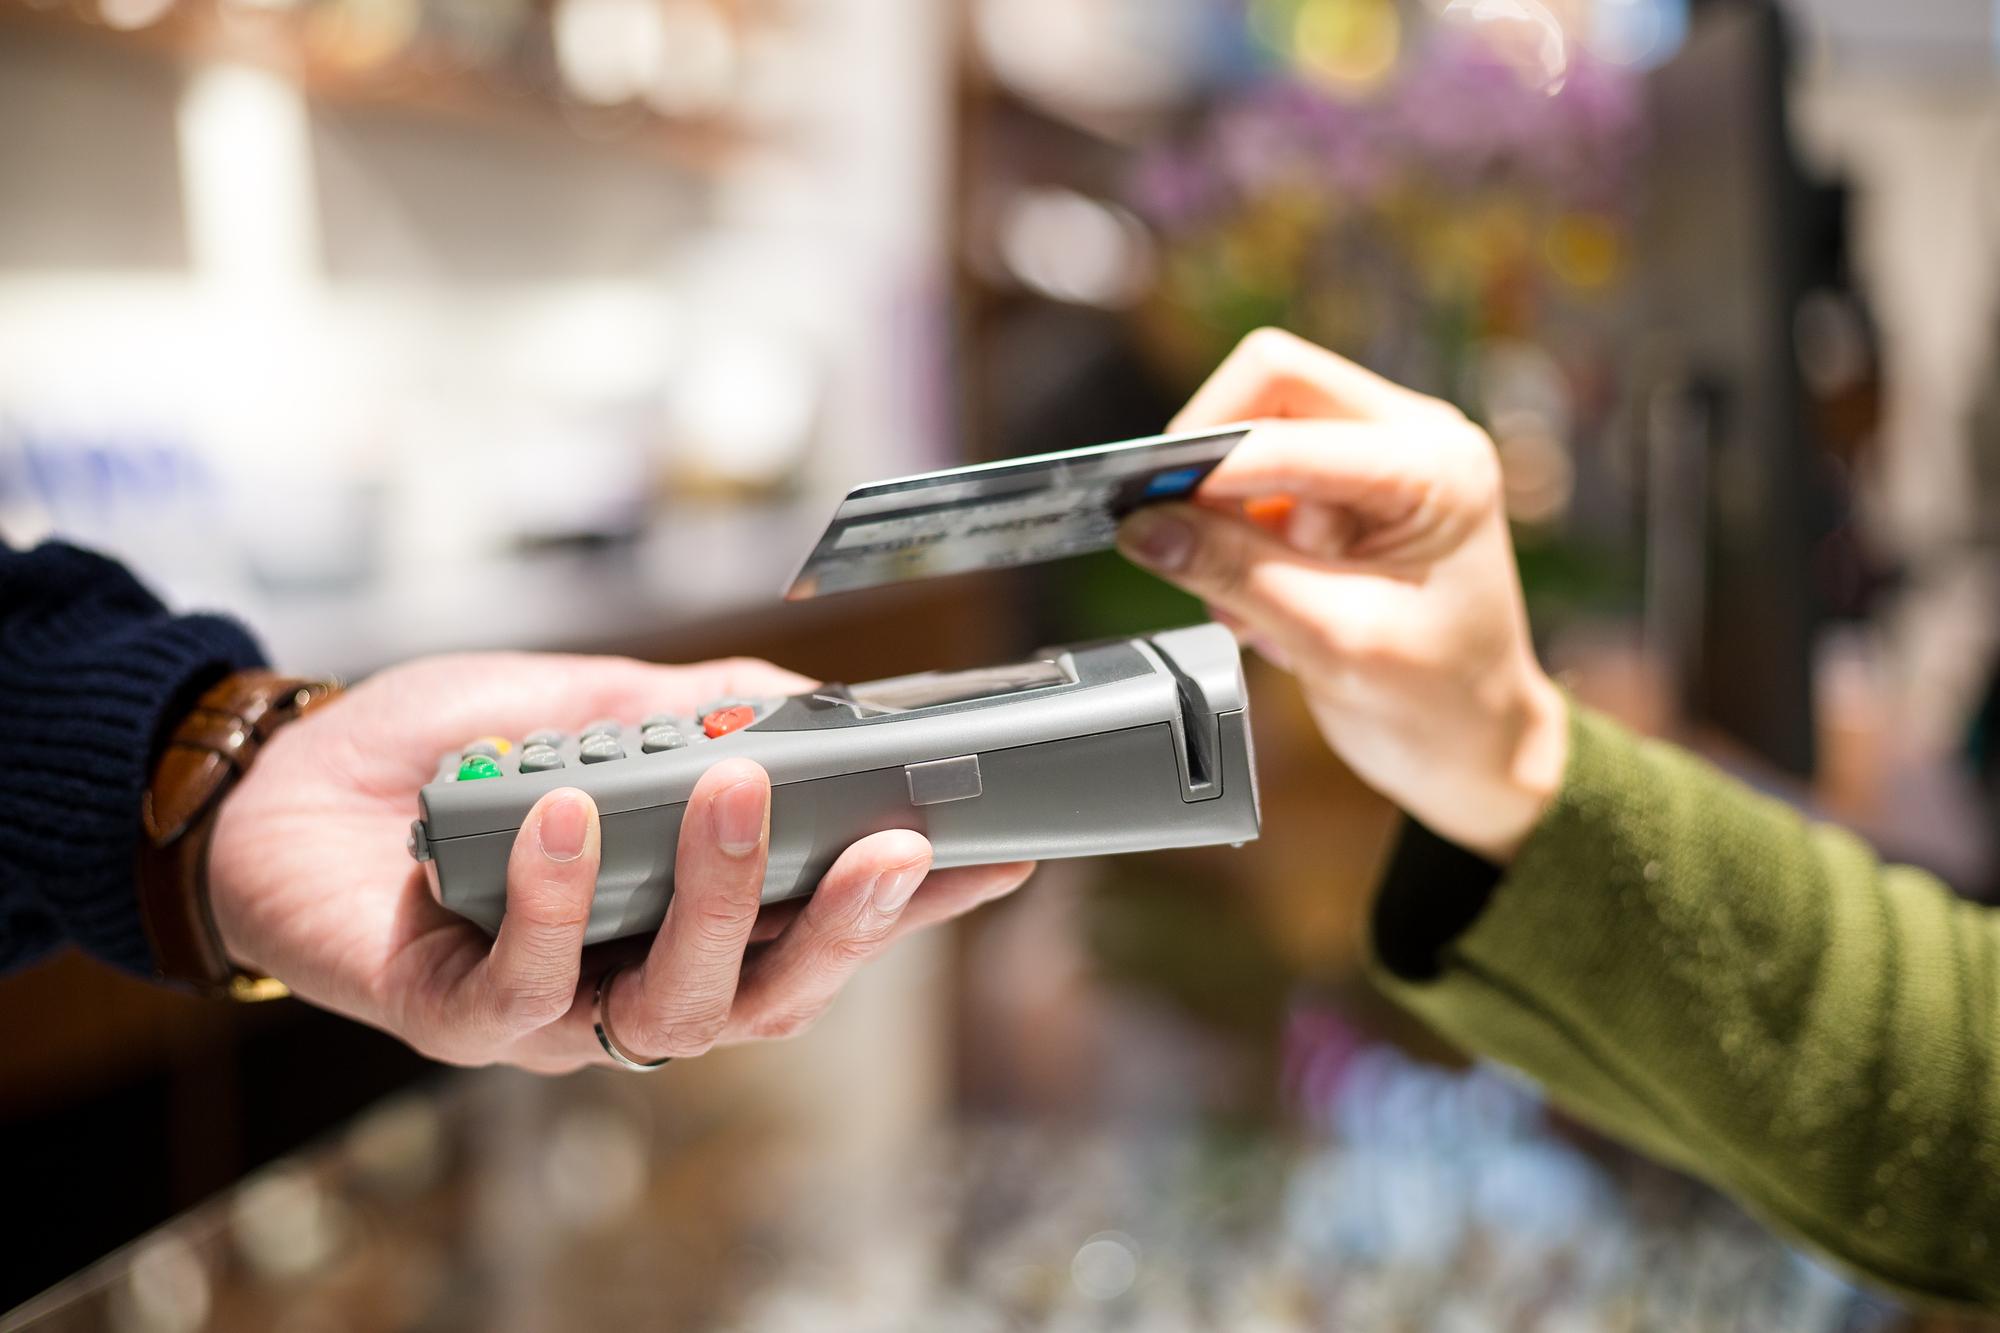 Pagar-en-tienda-fisica.jpg